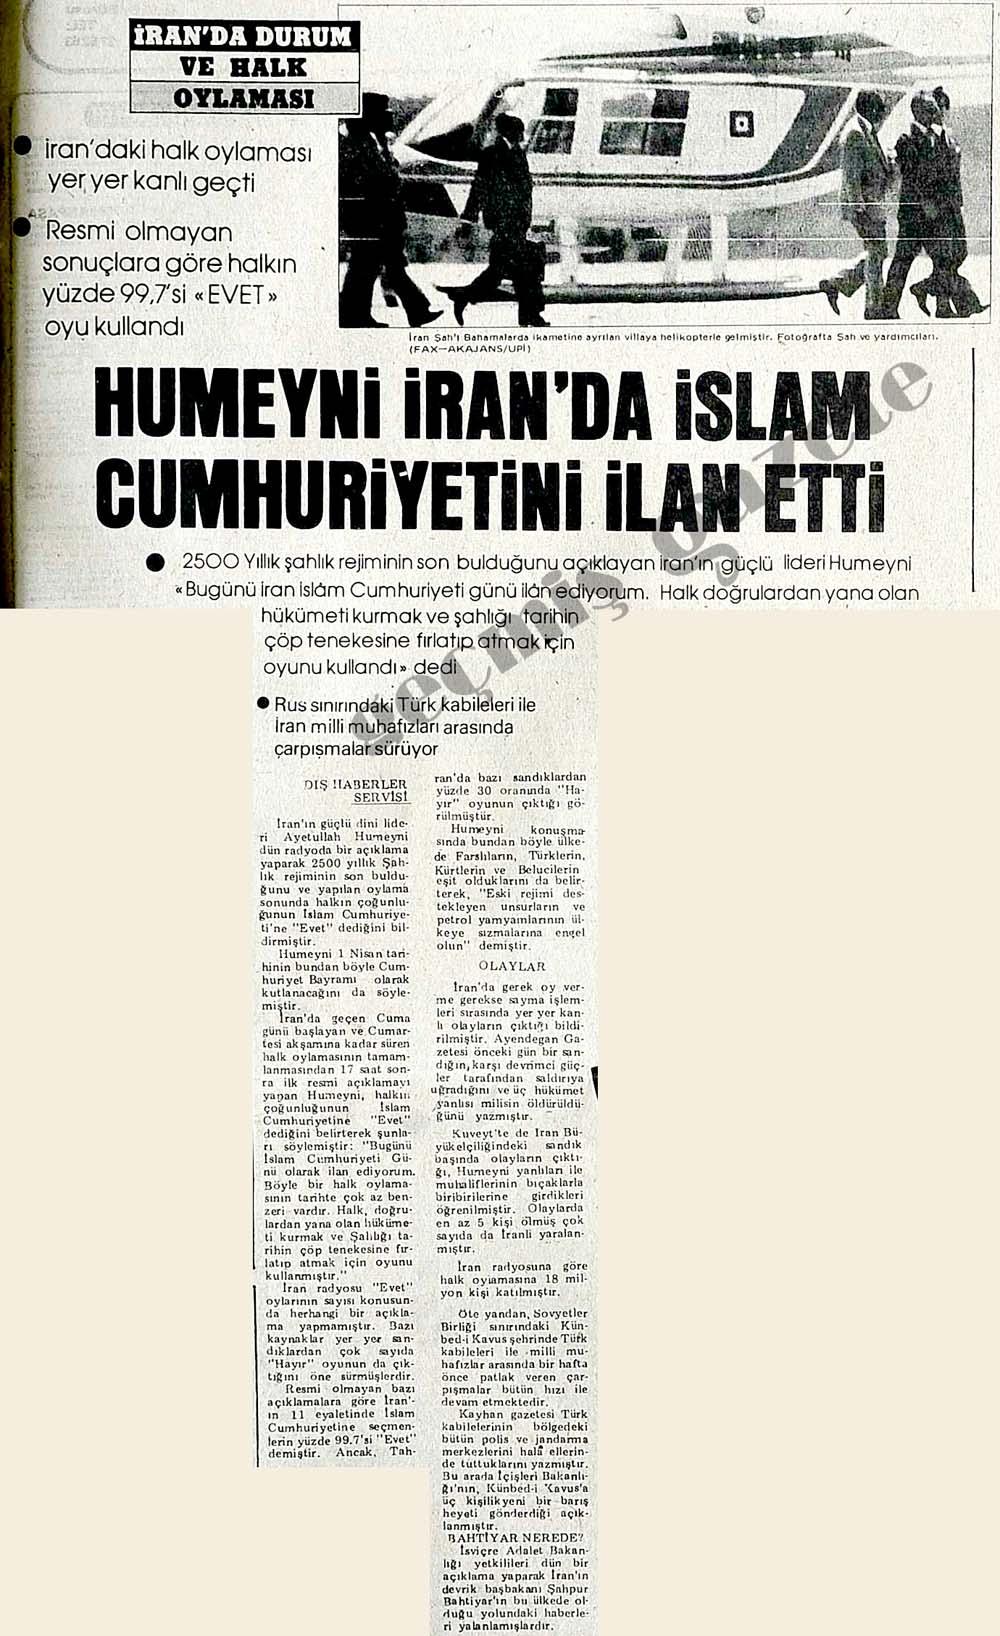 Humeyni İran'da İslam Cumhuriyetini ilan etti